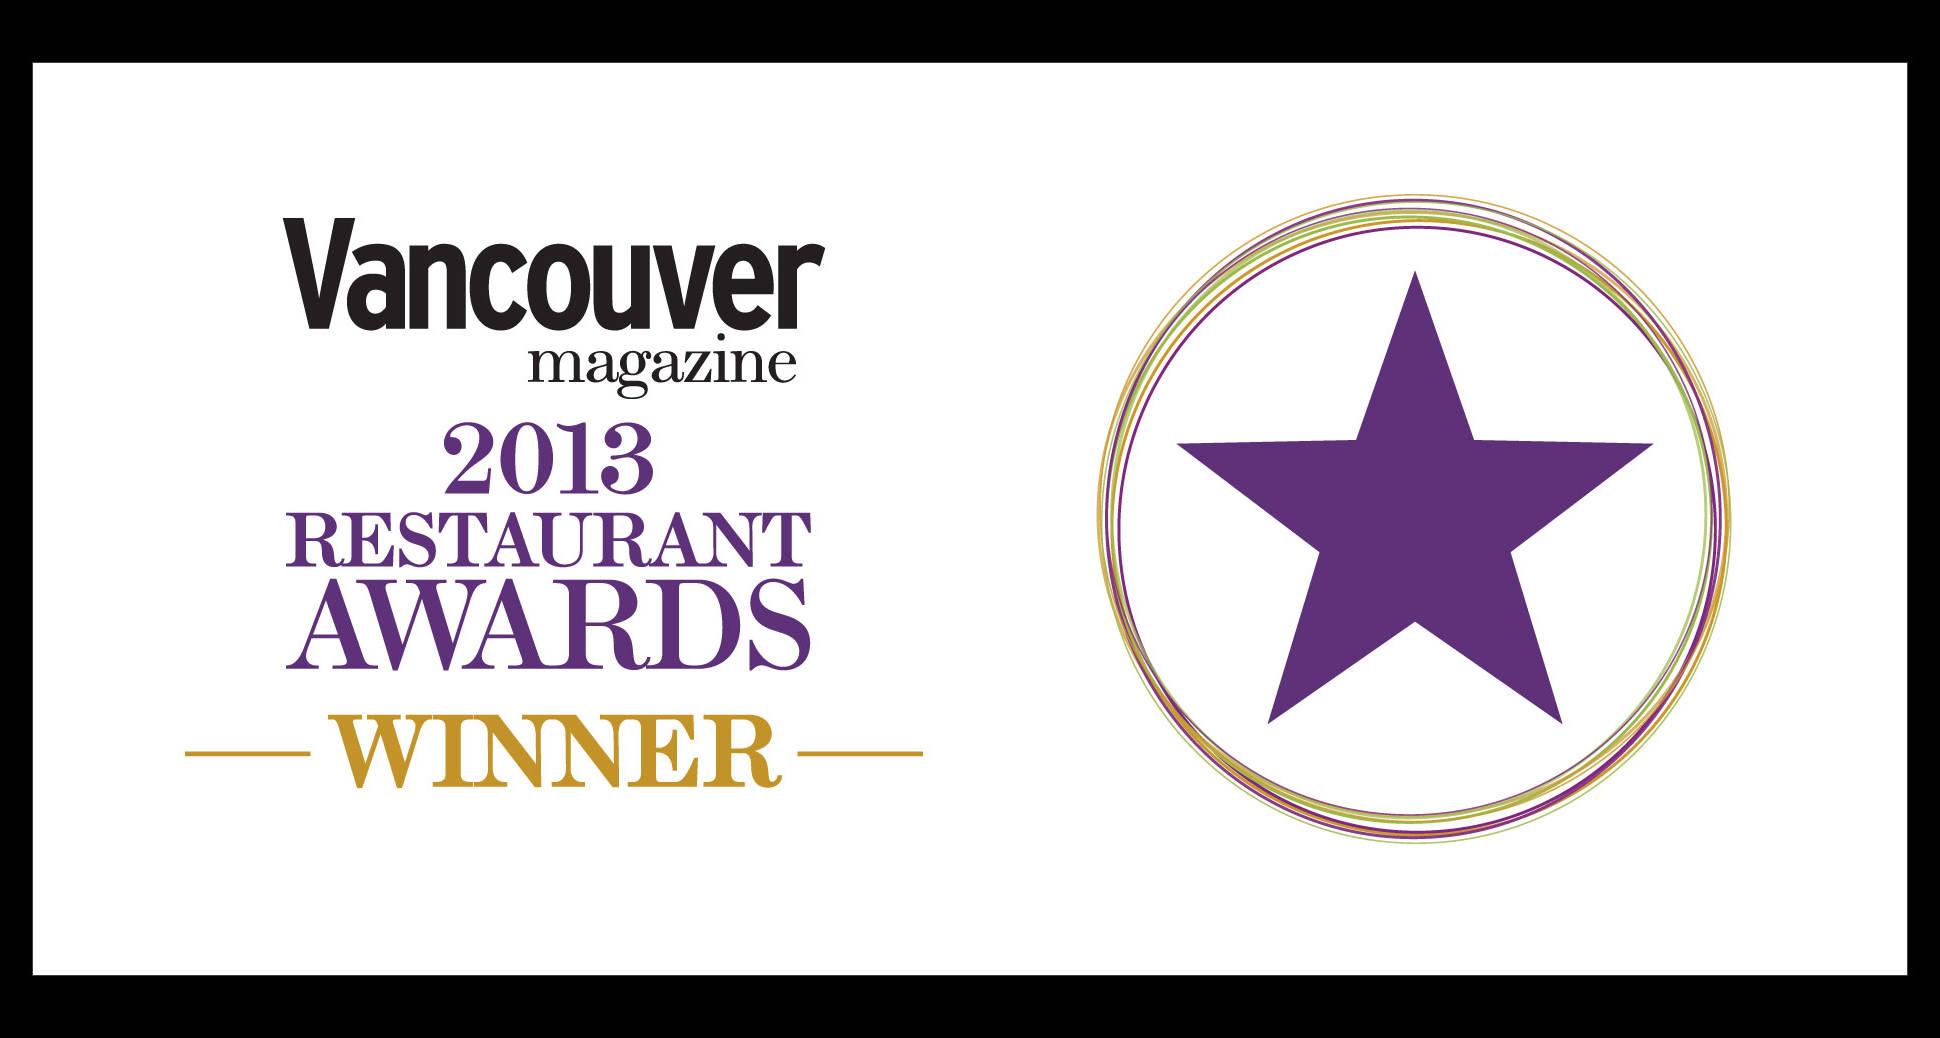 Sura is the best Korean gold winner of Vancouver magazine's 2014 restaurant awards!